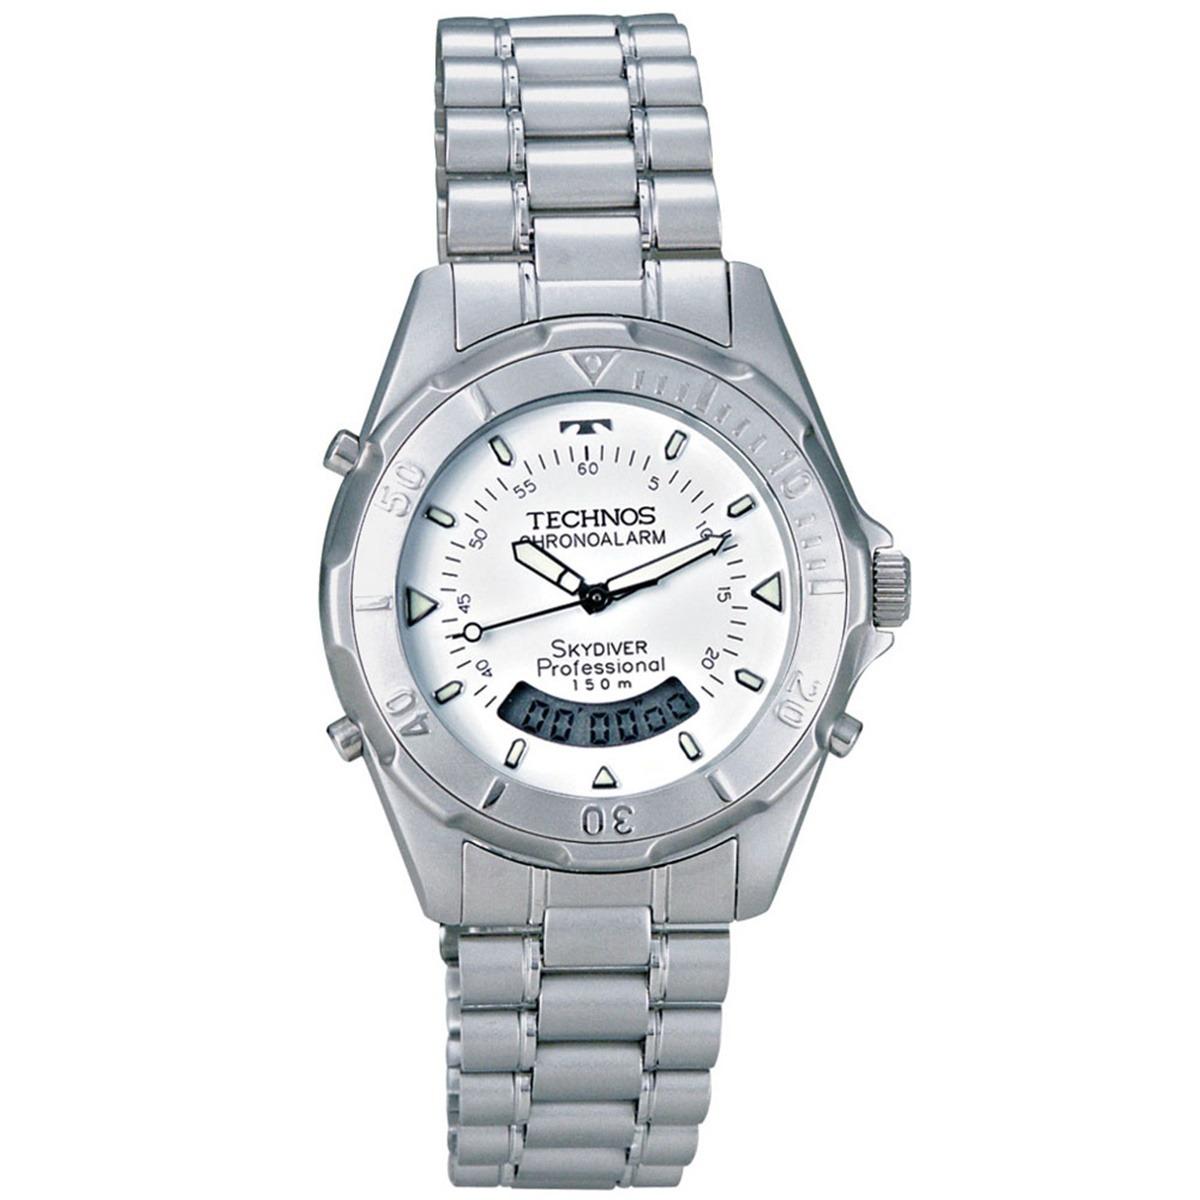 80c92f1af63 Relógio Technos Skydiver Masculino Anadigi T205573b - R  389